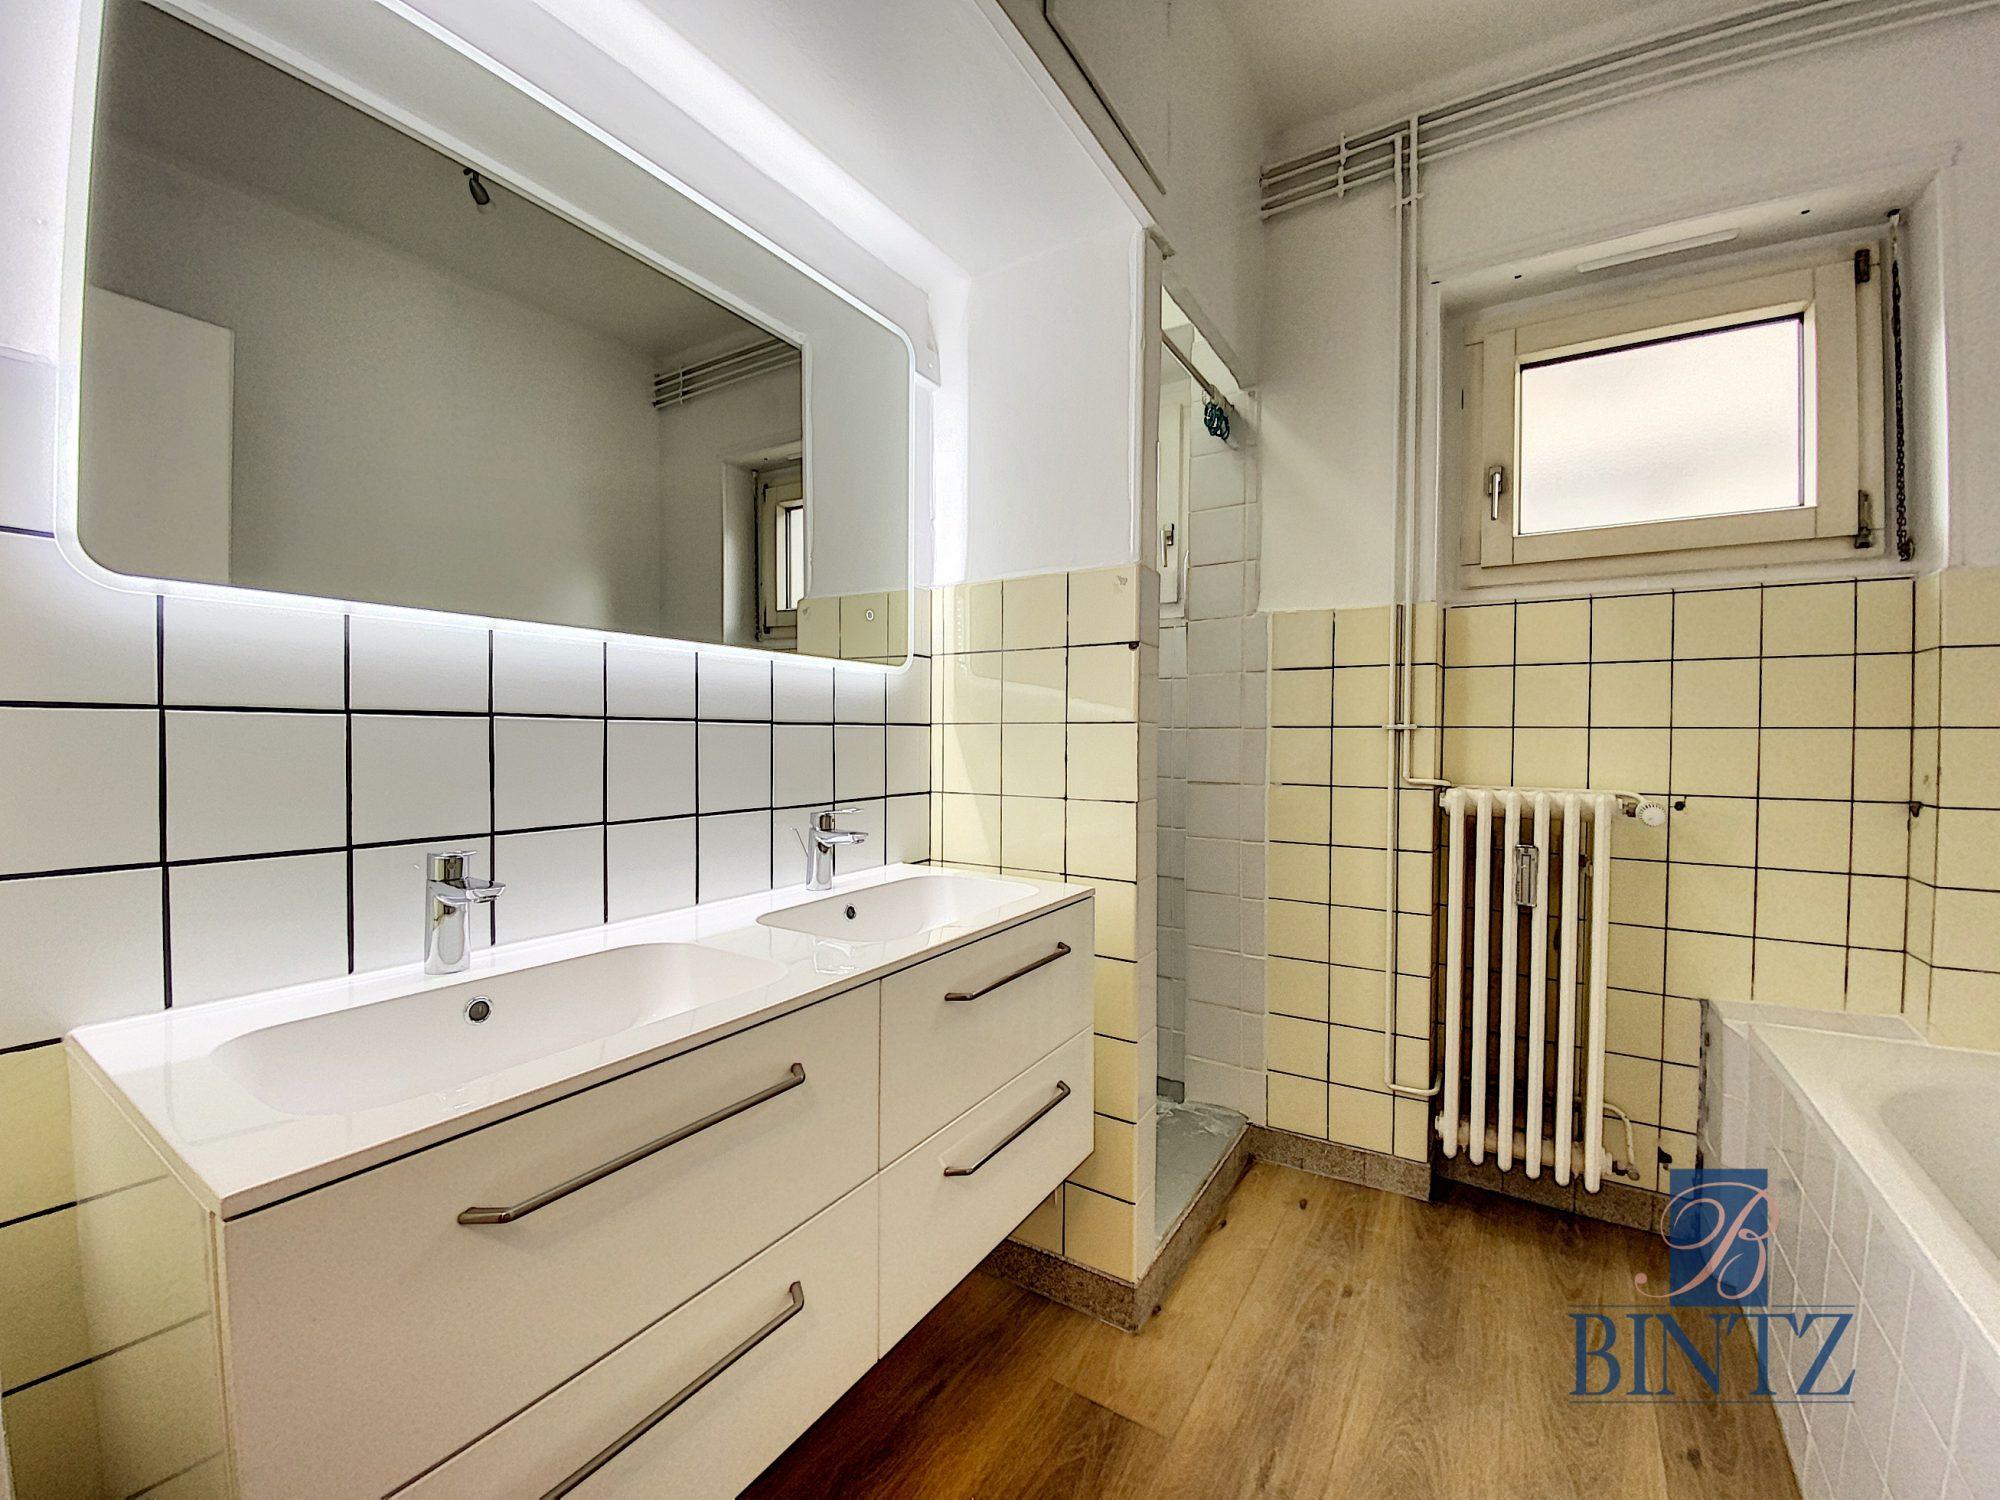 3P avec terrasse orangerie - Devenez locataire en toute sérénité - Bintz Immobilier - 15